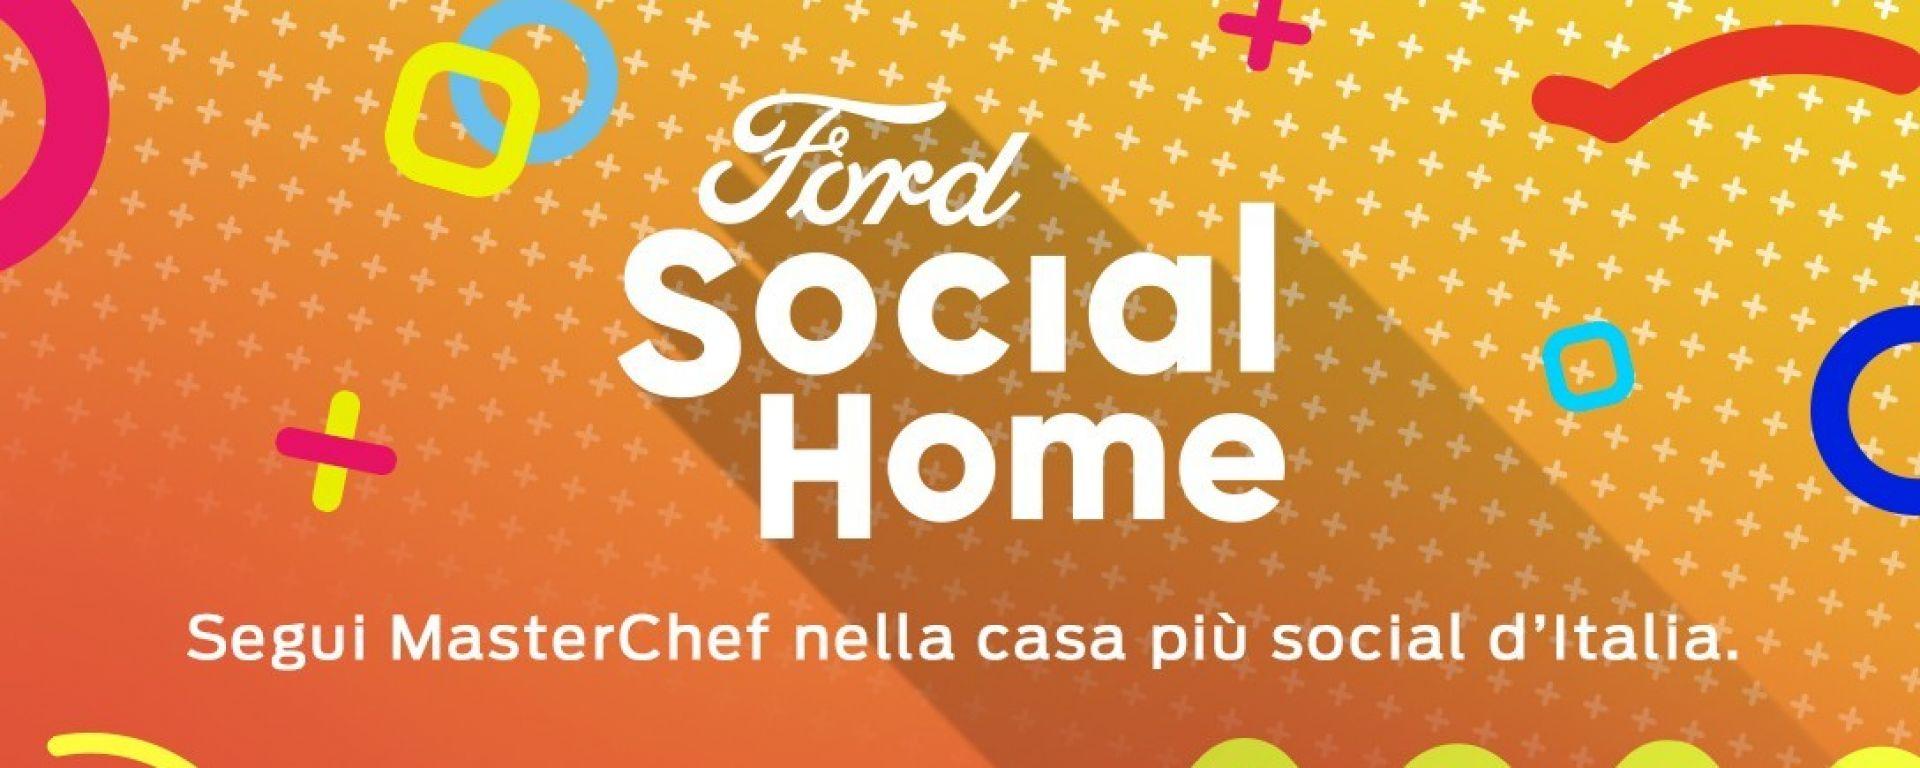 Ford Social Home: ogni giovedì a Milano per la MasterChef Night